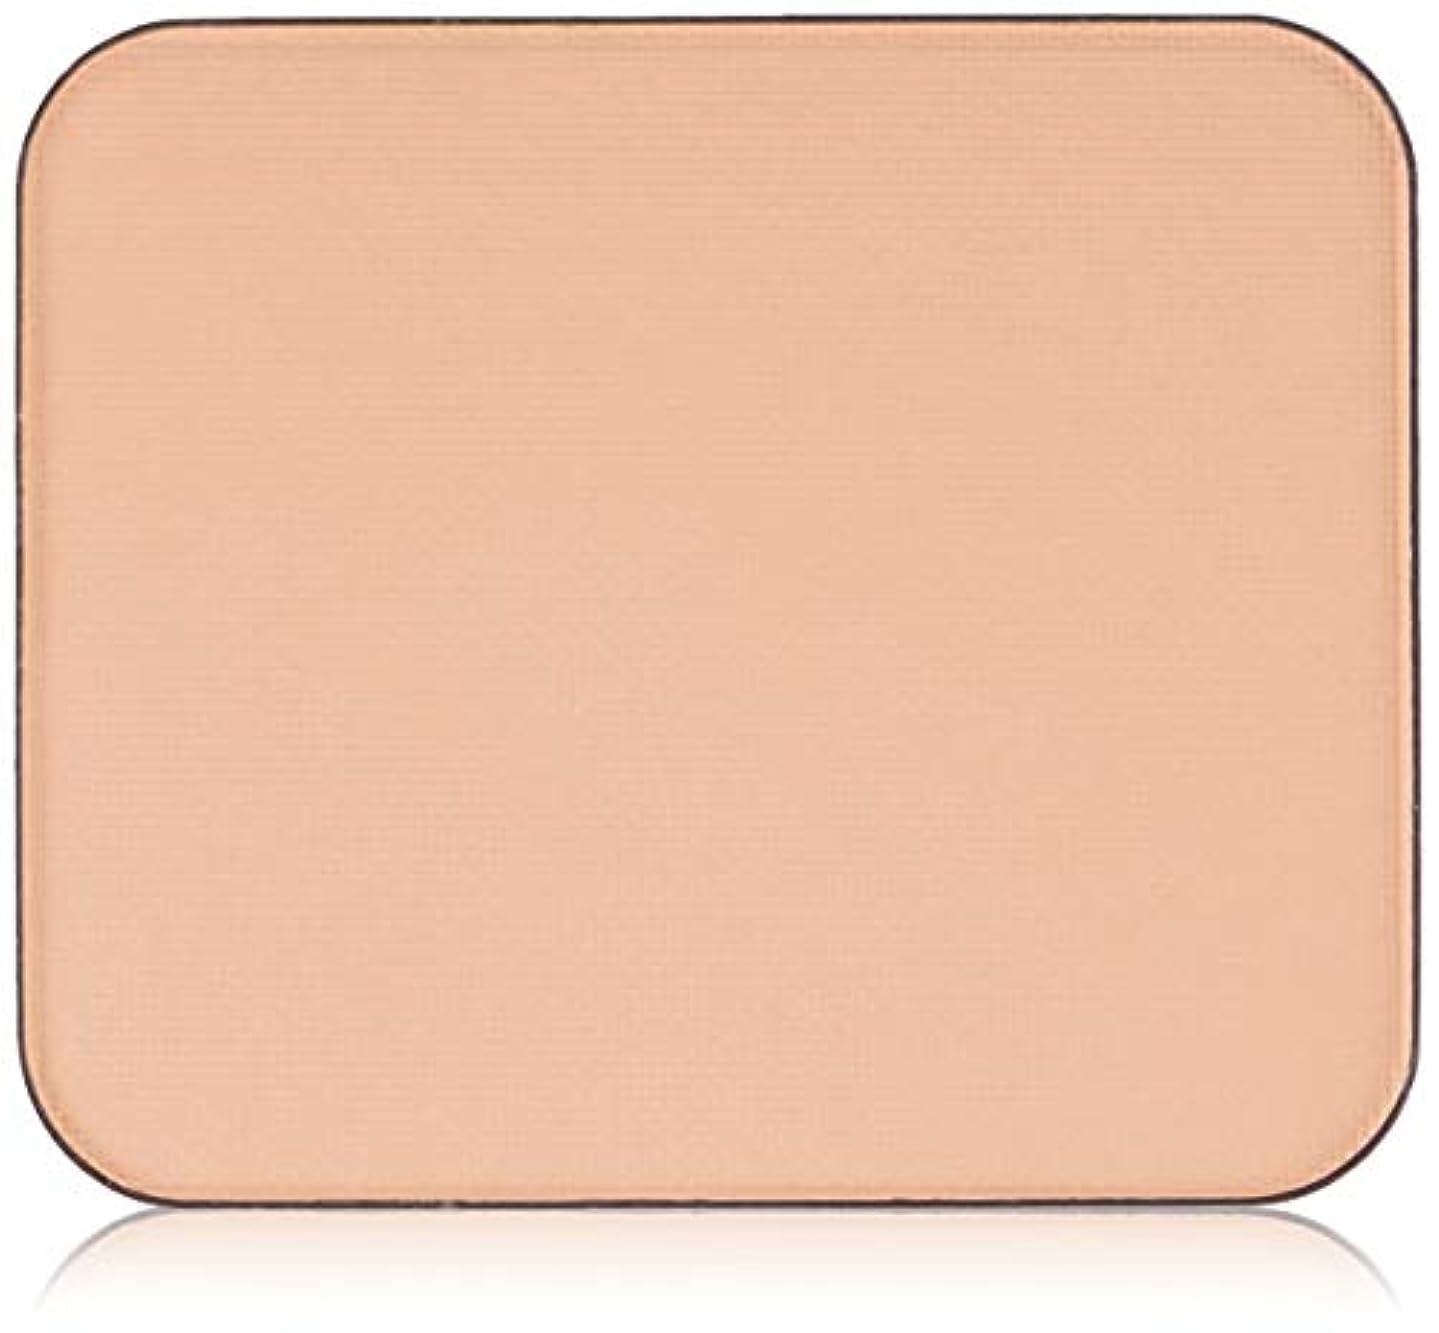 ビーム証書薬用Celvoke(セルヴォーク) インテントスキン パウダーファンデーション 全5色 102 明るいオークル系(標準色)